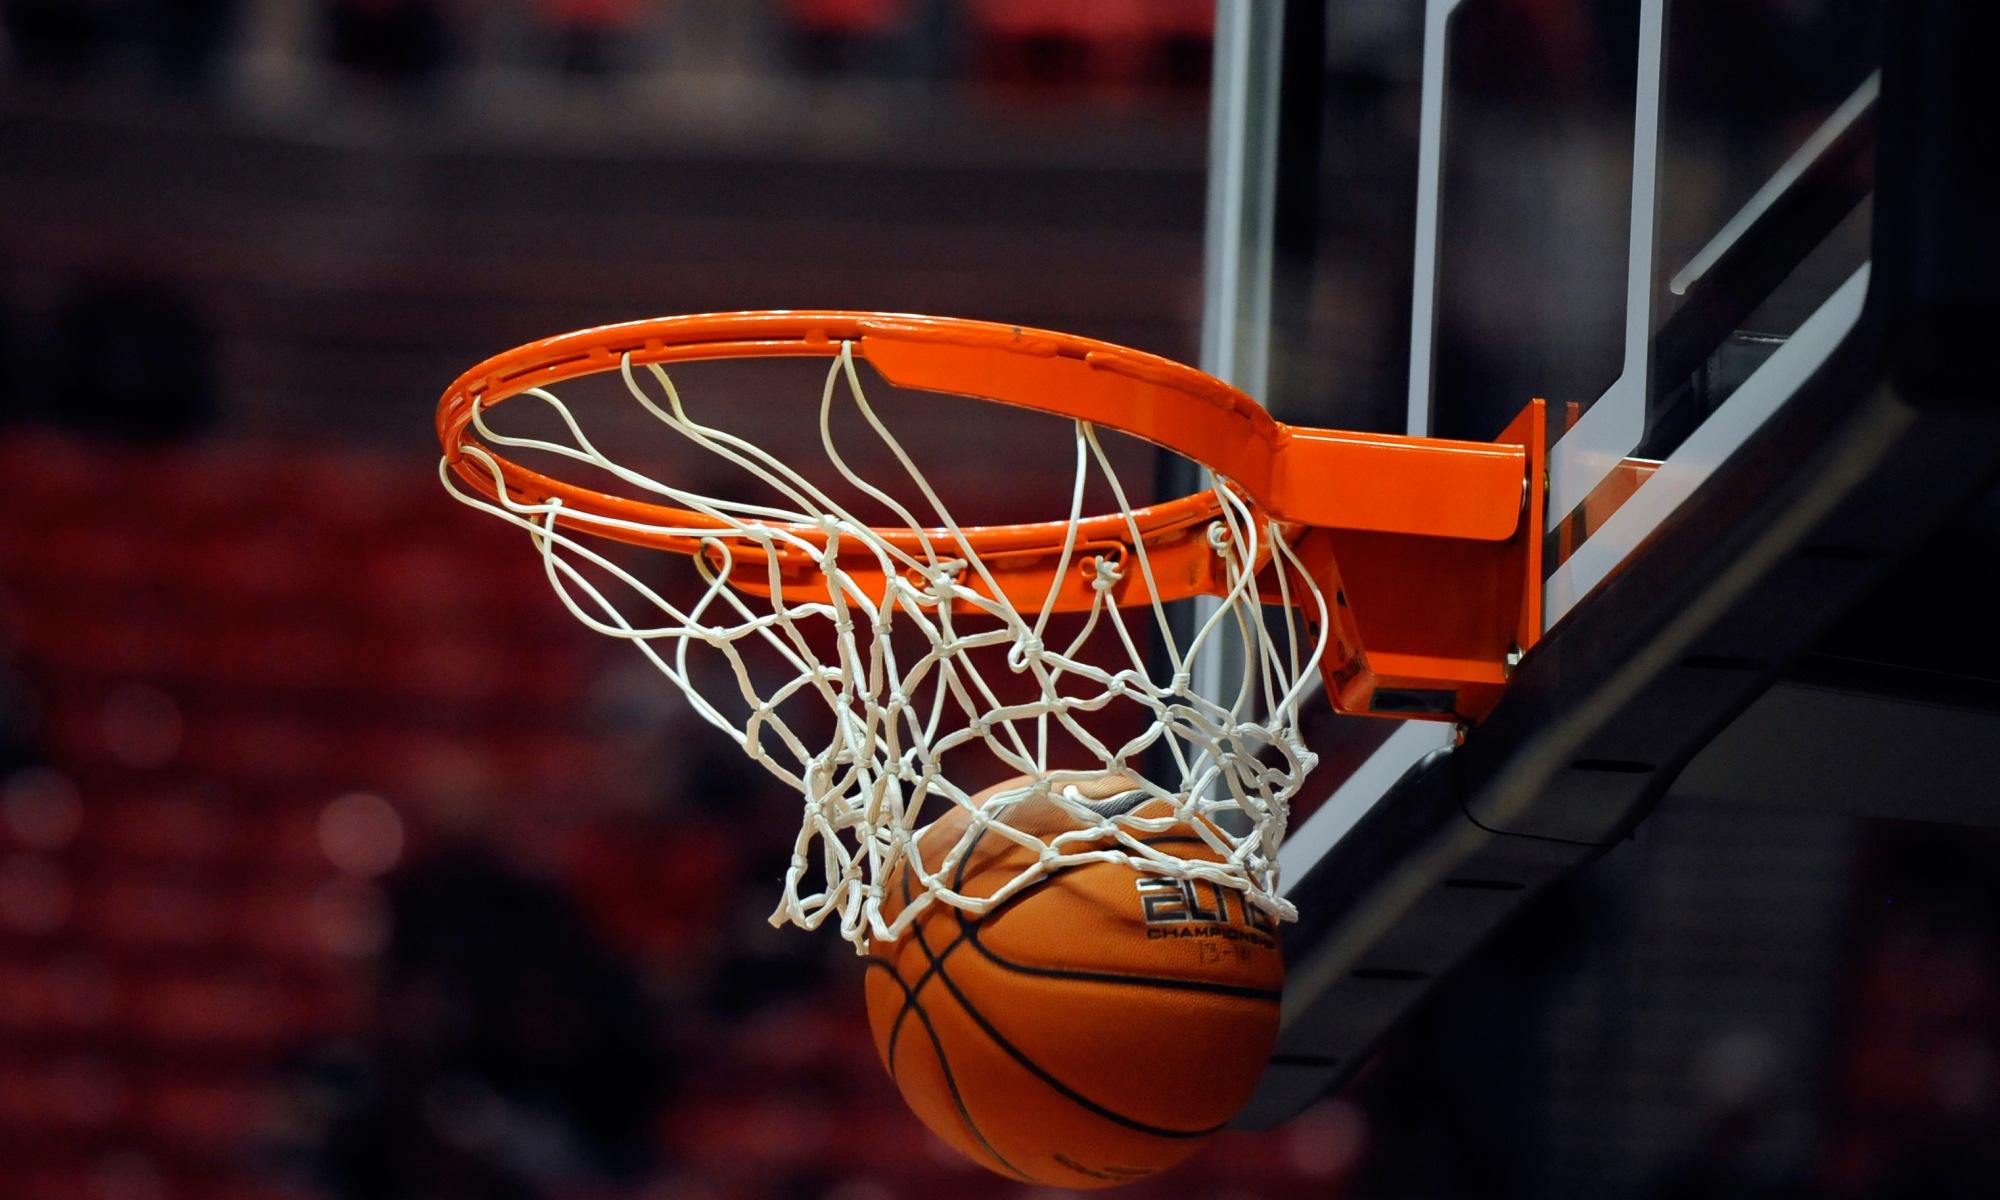 В Плевен привличат децата към баскетболната игра с различни инициативи.